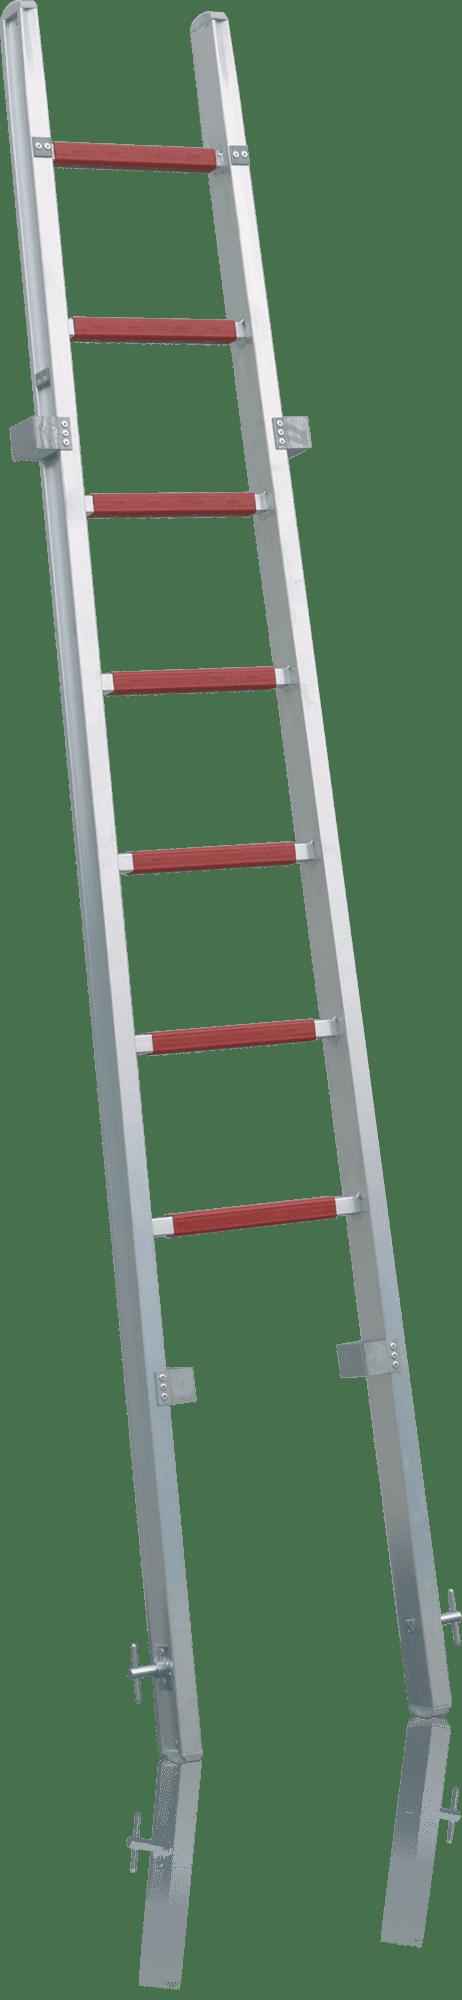 prídavný diel pre hasičský rebrík nasúvací